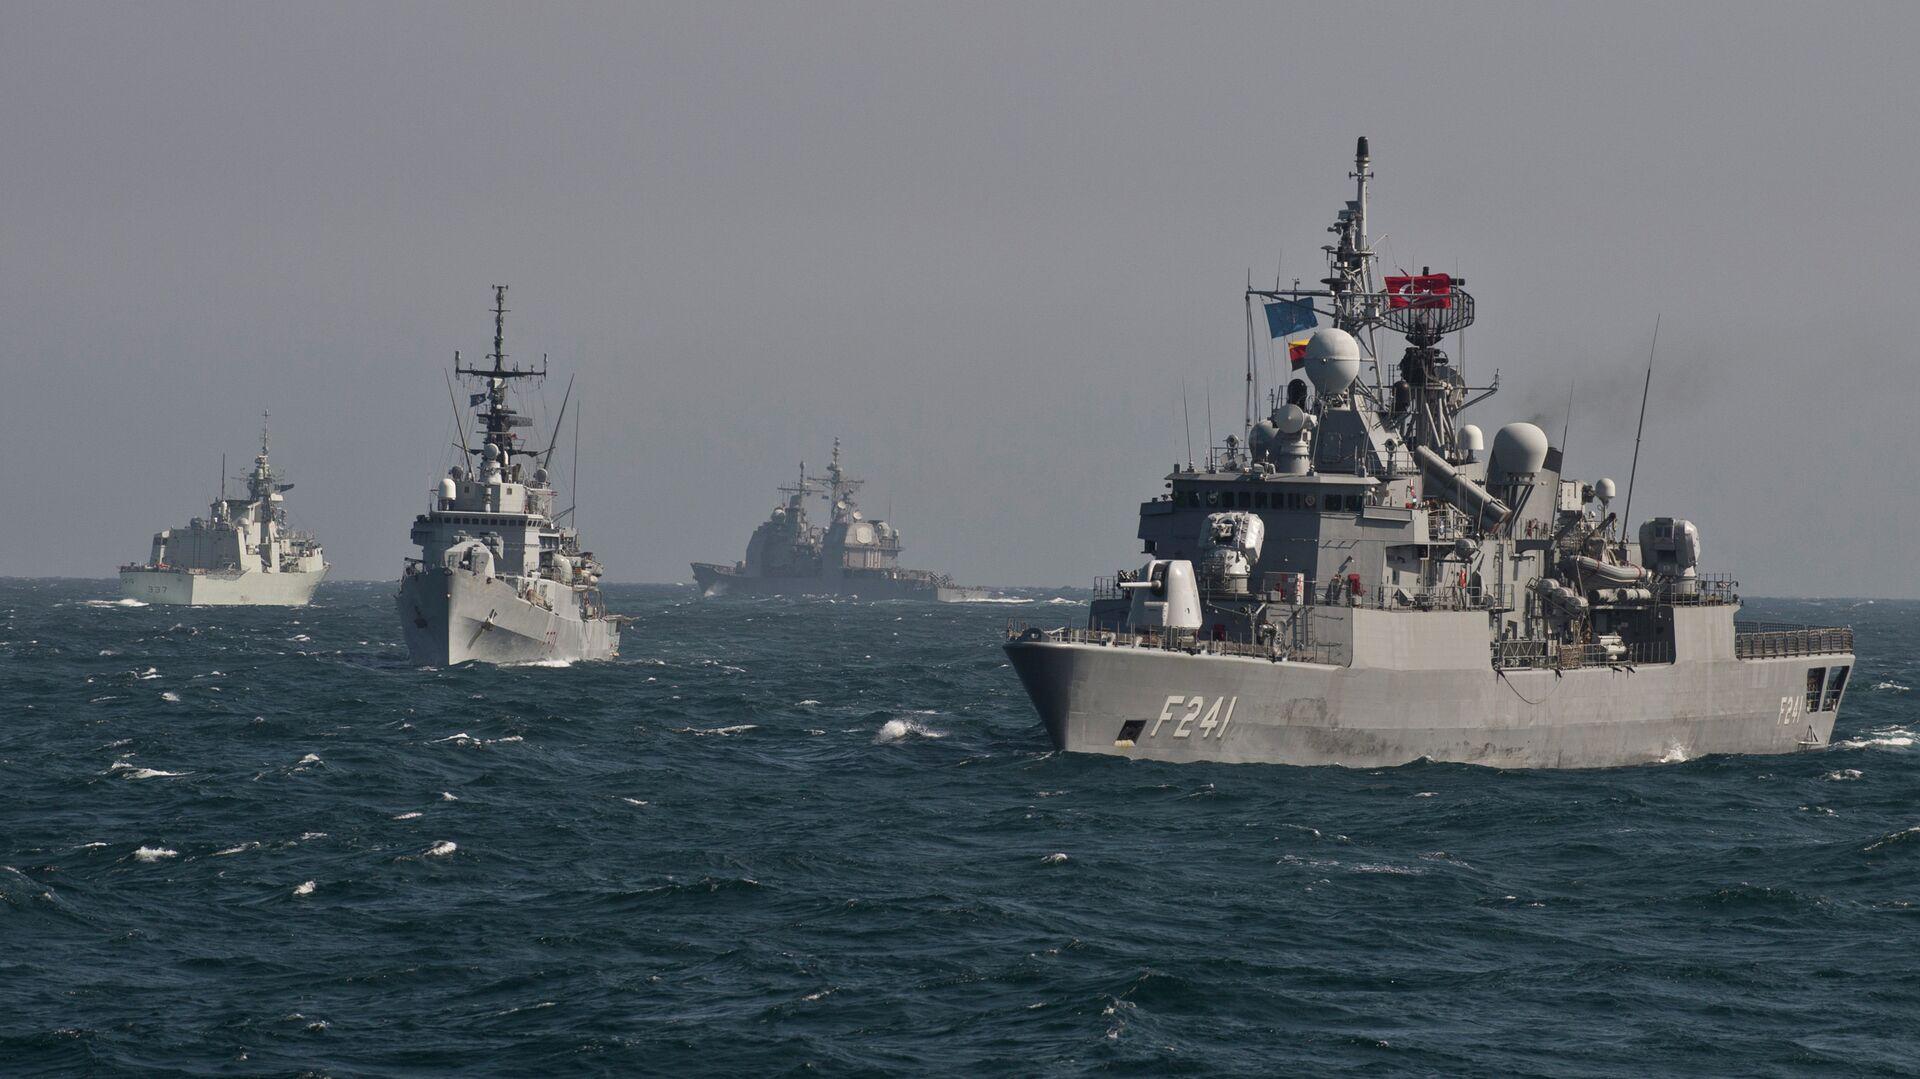 Okręty NATO uczestniczą w ćwiczeniach wojskowych na Morzu Czarnym - Sputnik Polska, 1920, 25.08.2021